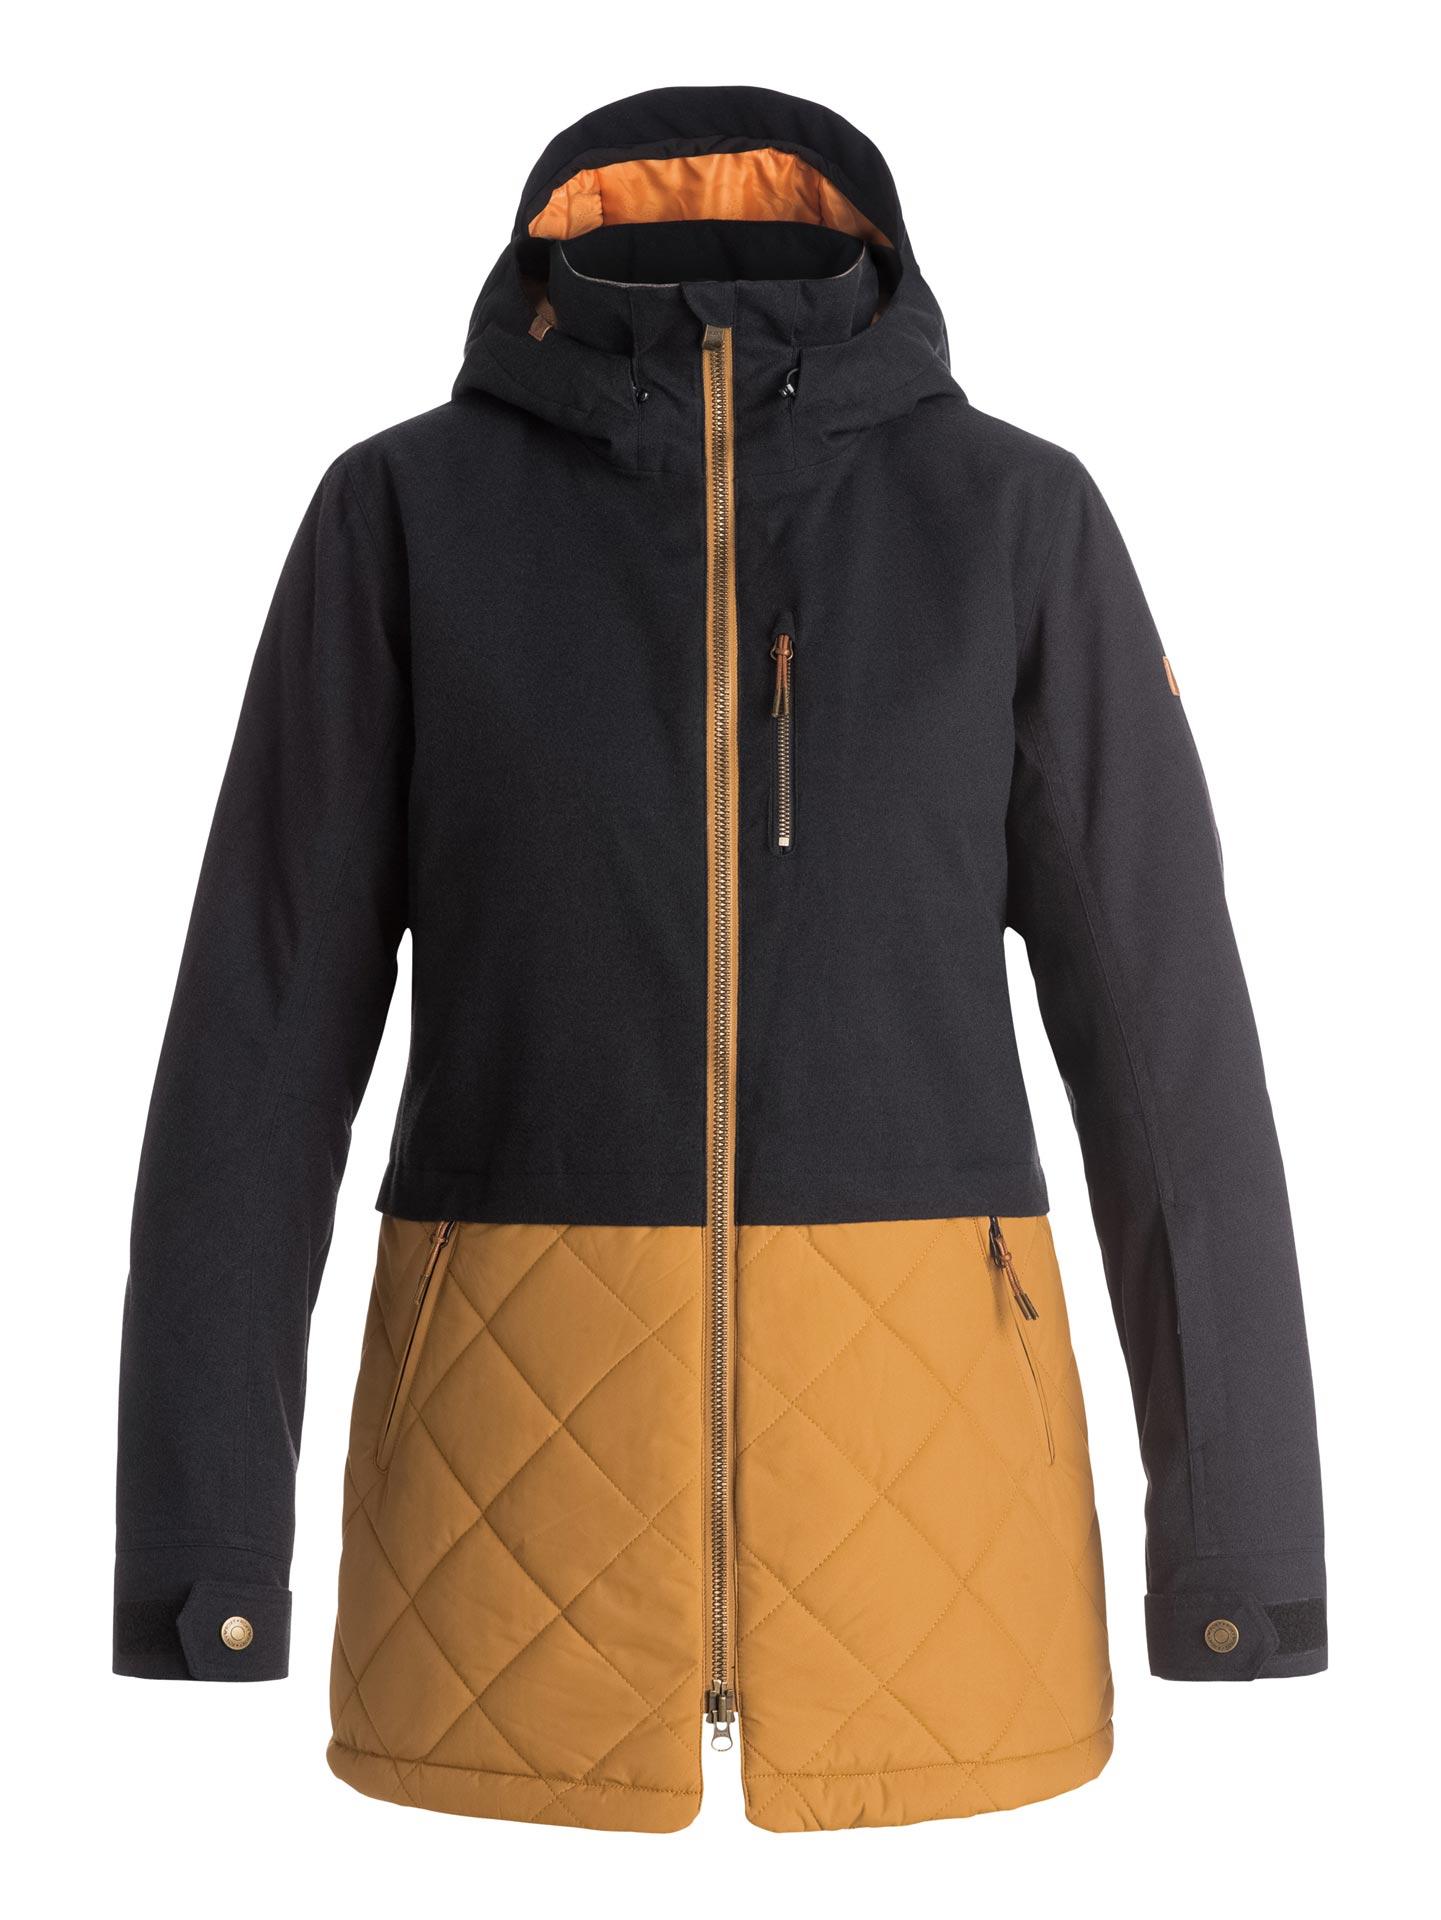 Roxy: Hartley Jacket